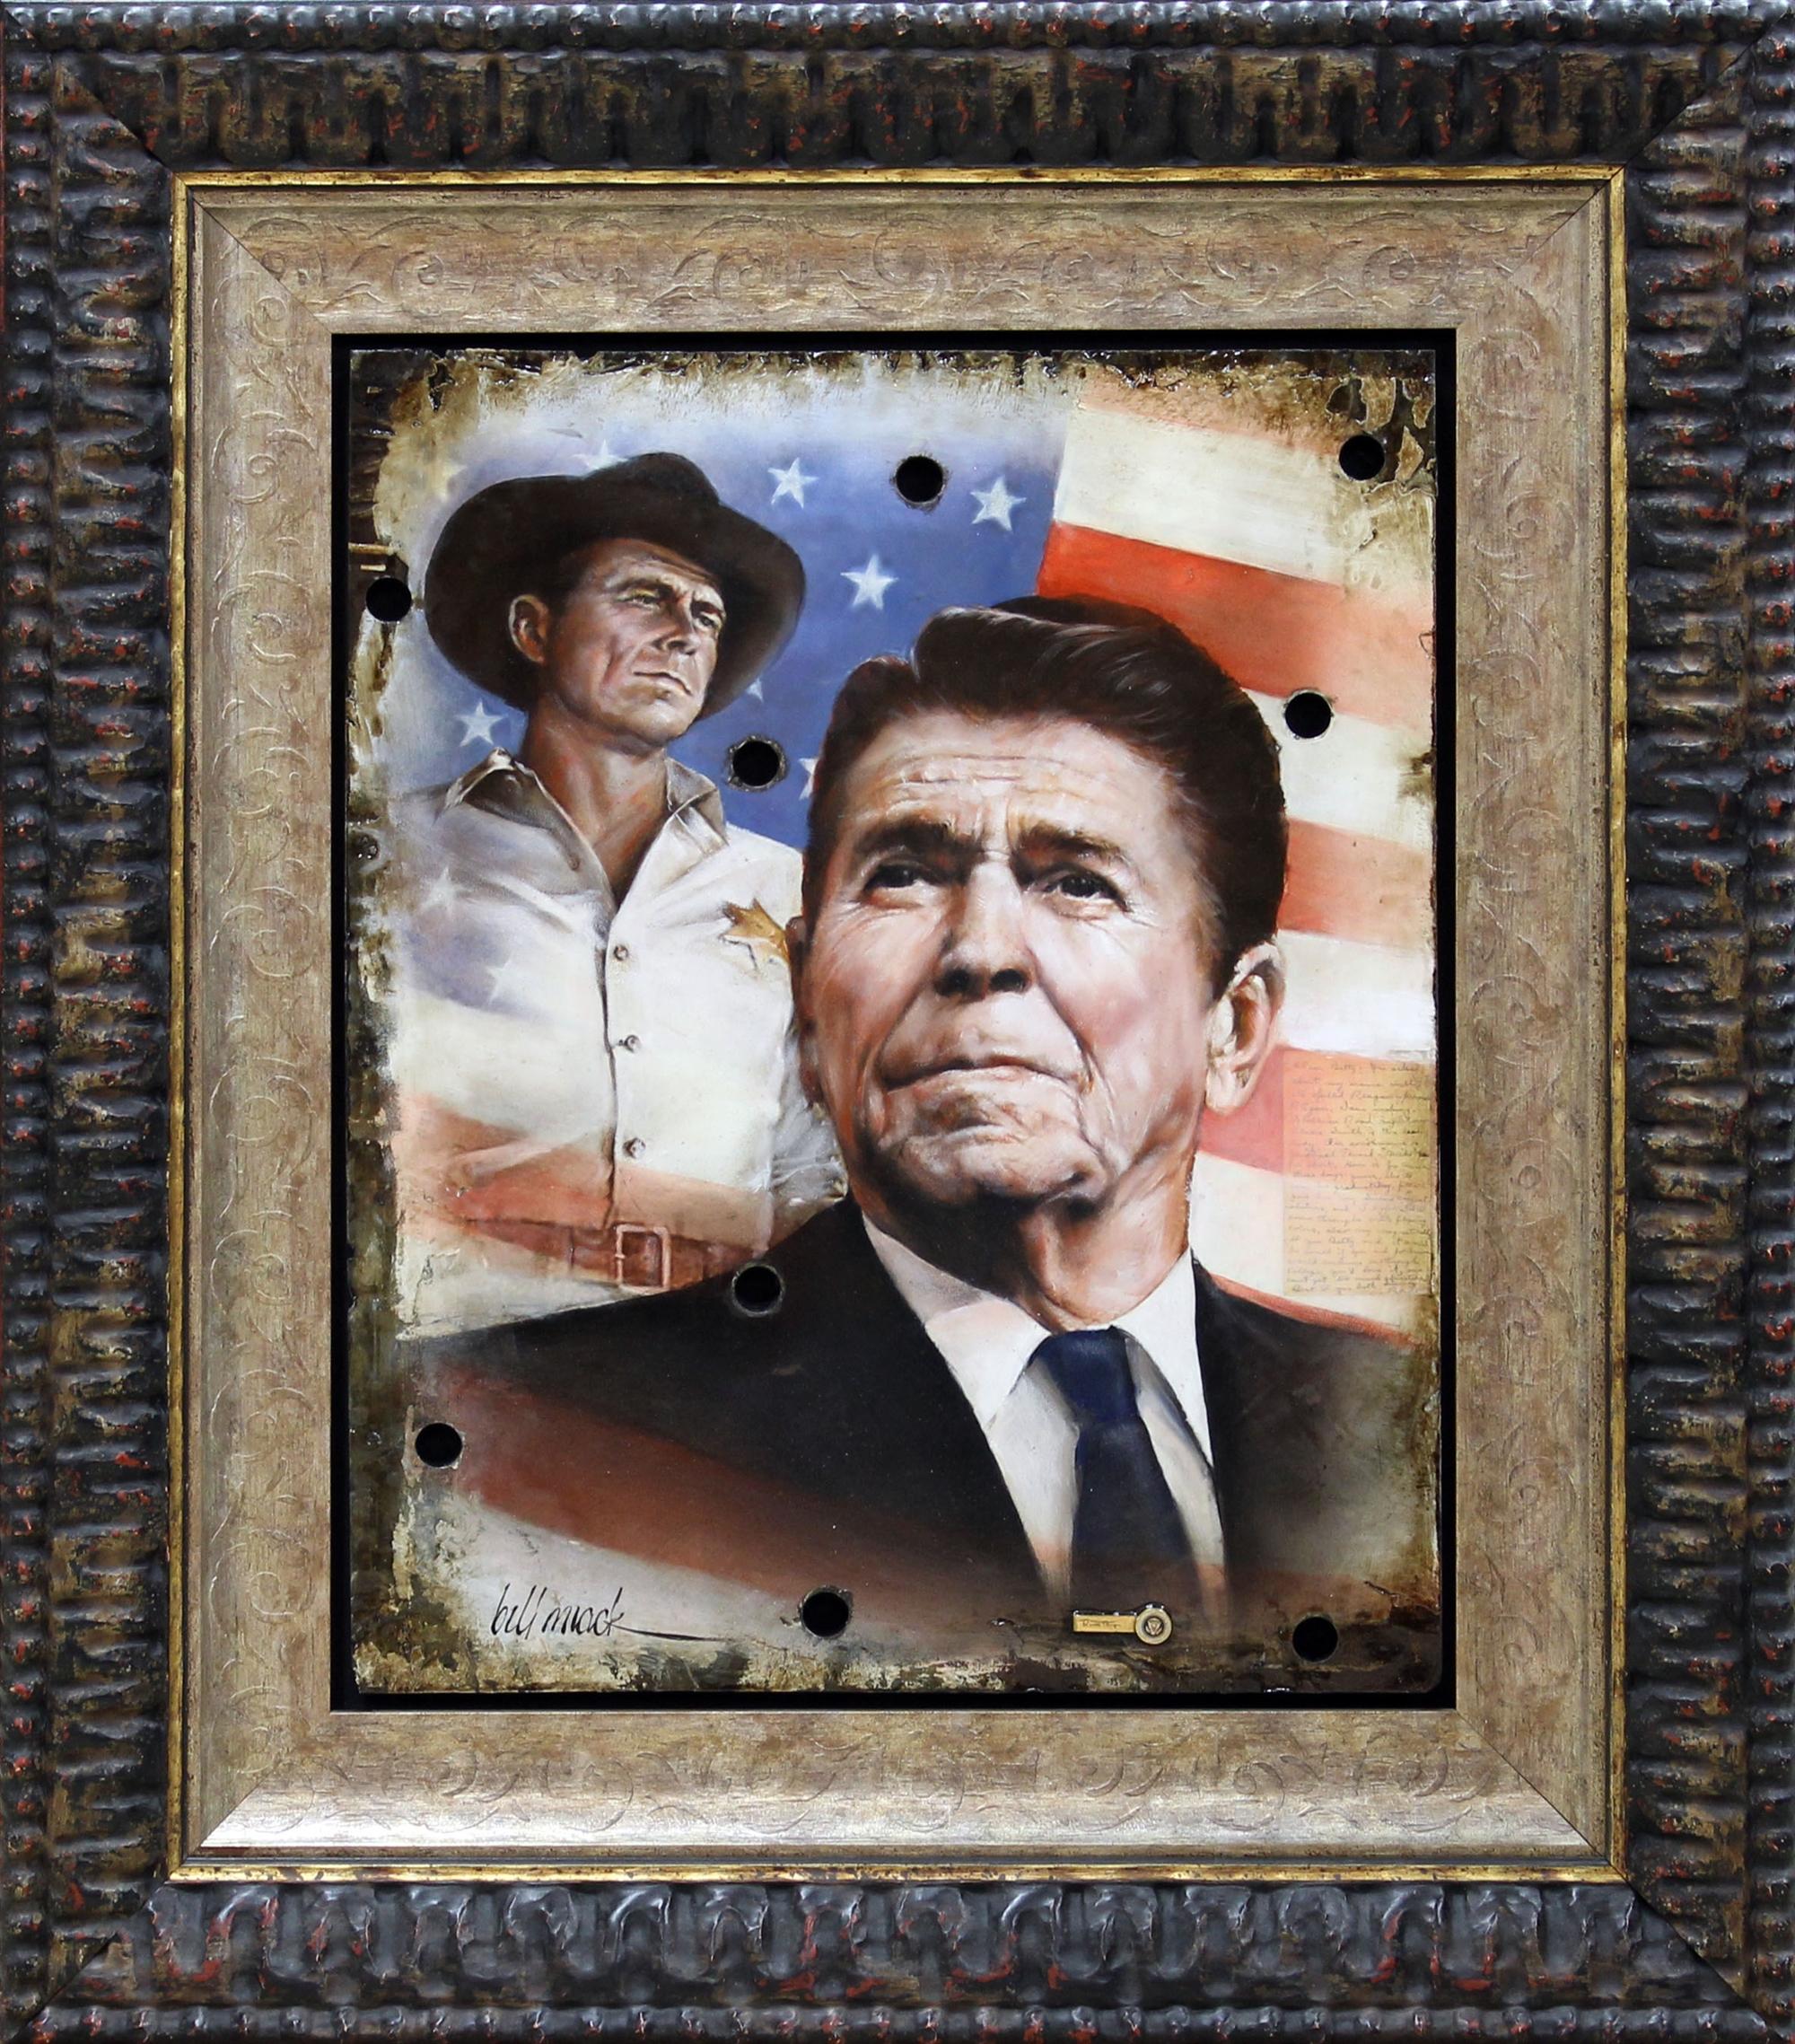 Reagan Career Metamorphasis by Bill Mack